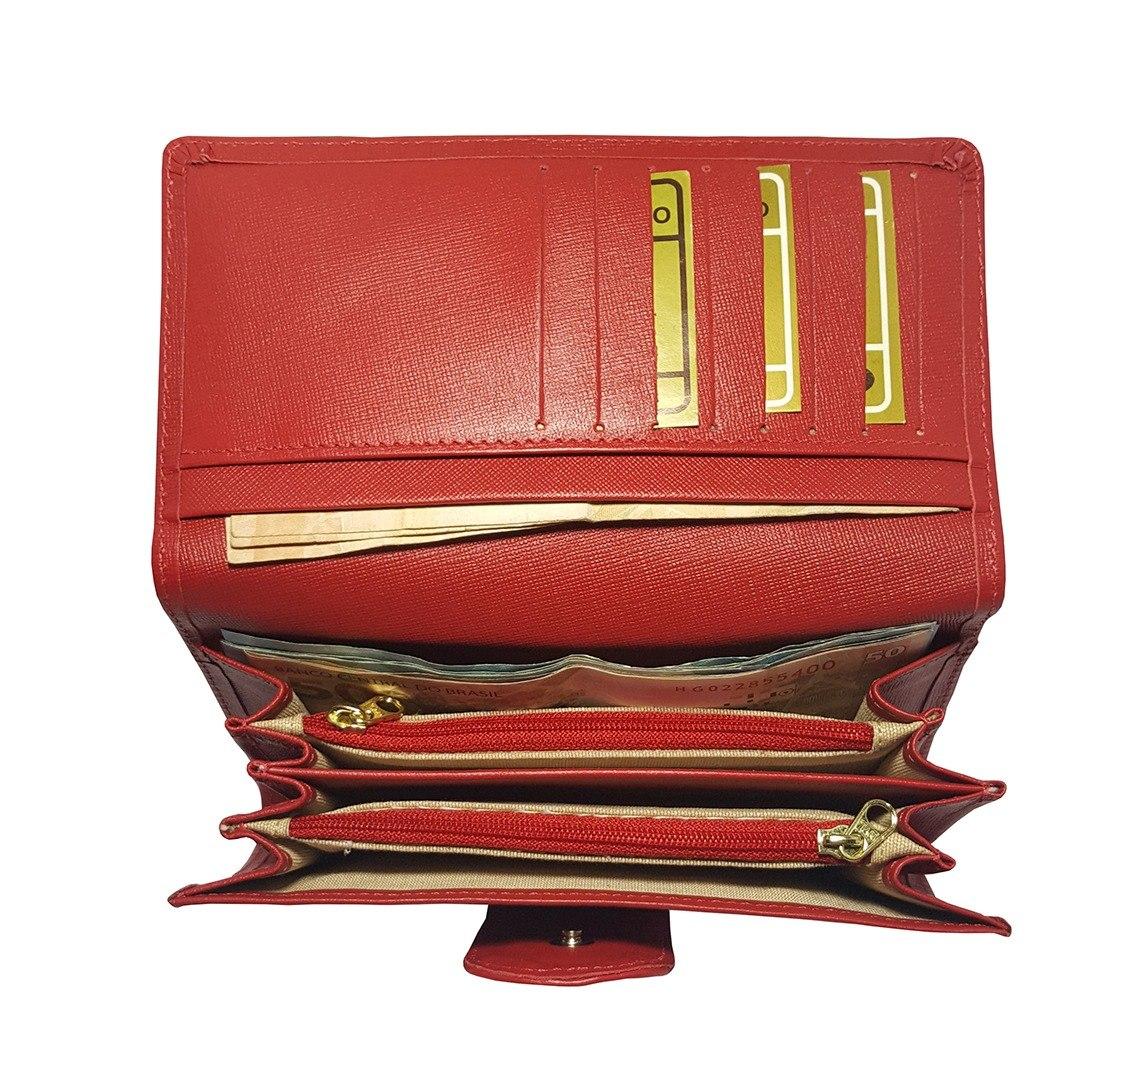 8d20dff93c carteira feminina grande vermelha de couro legítimo genuíno. Carregando  zoom.